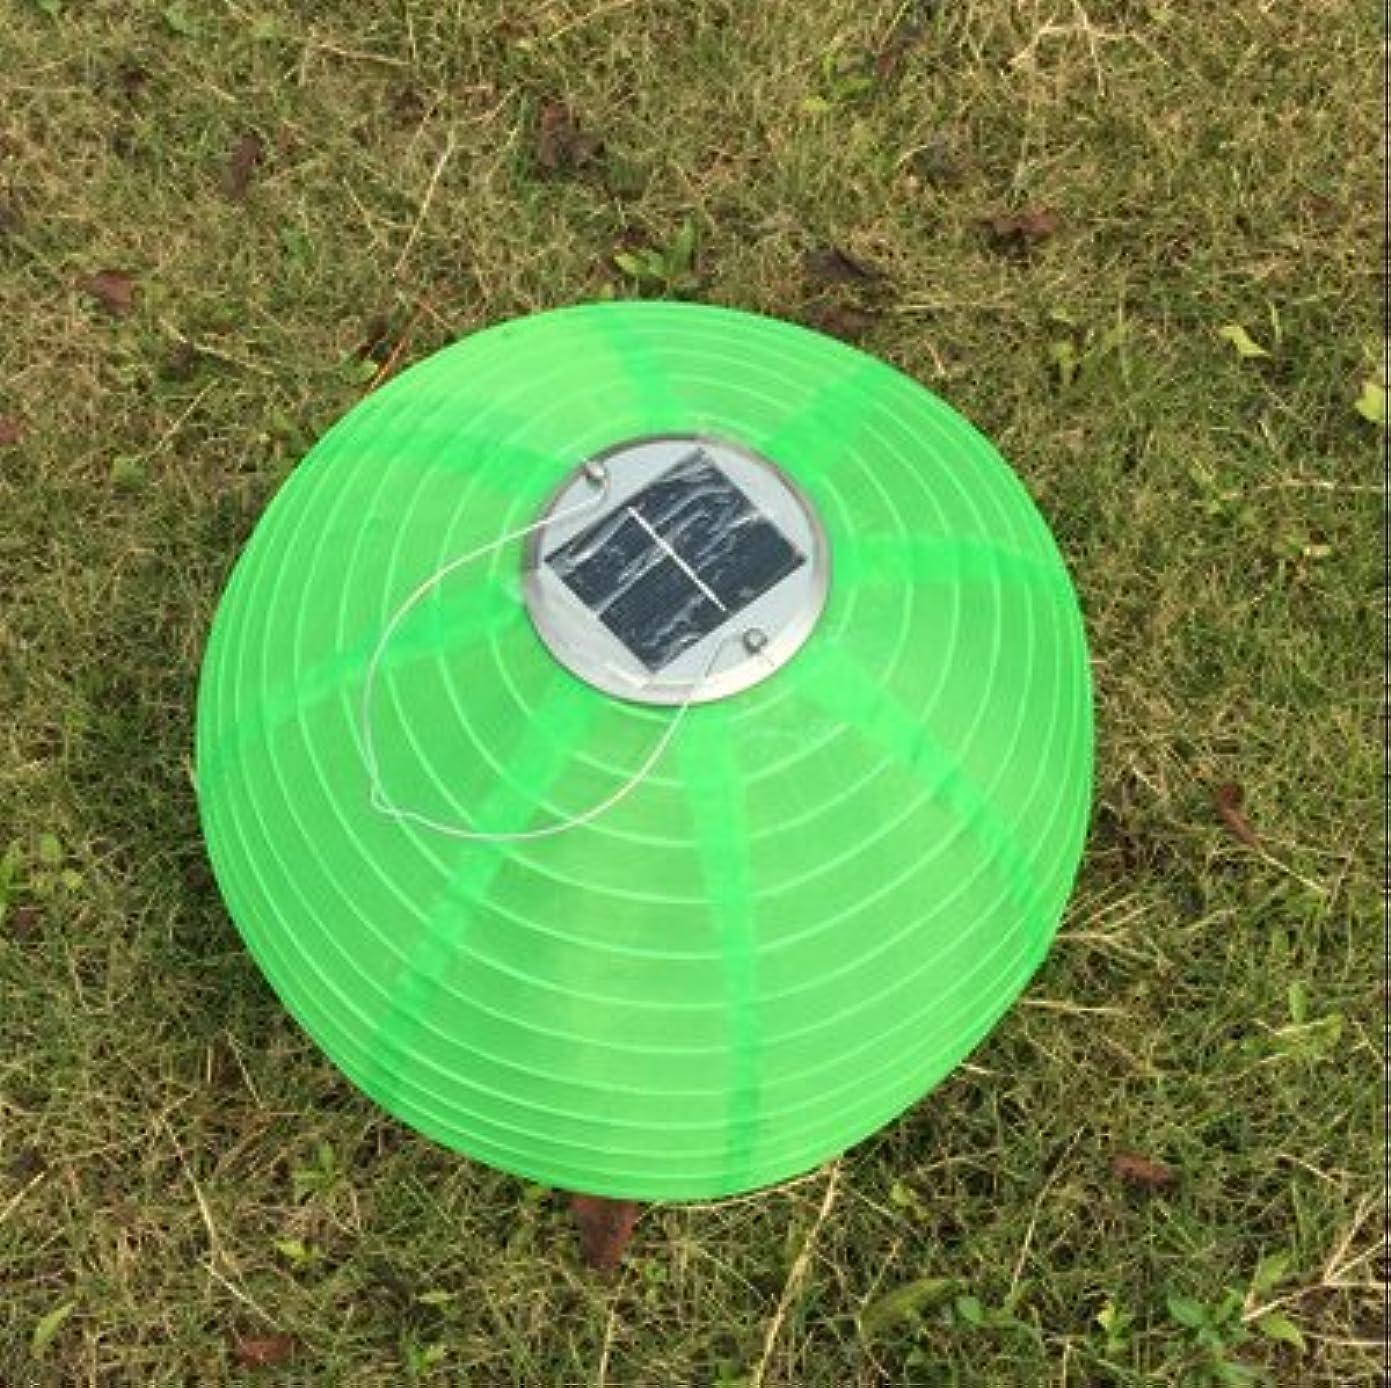 ブレース疼痛豪華なJimeng 直径30CM 防水 ソーラー発電 提灯 ランタン イルミネーション 太陽光パネル搭載 和風 折り畳み式 グリーン